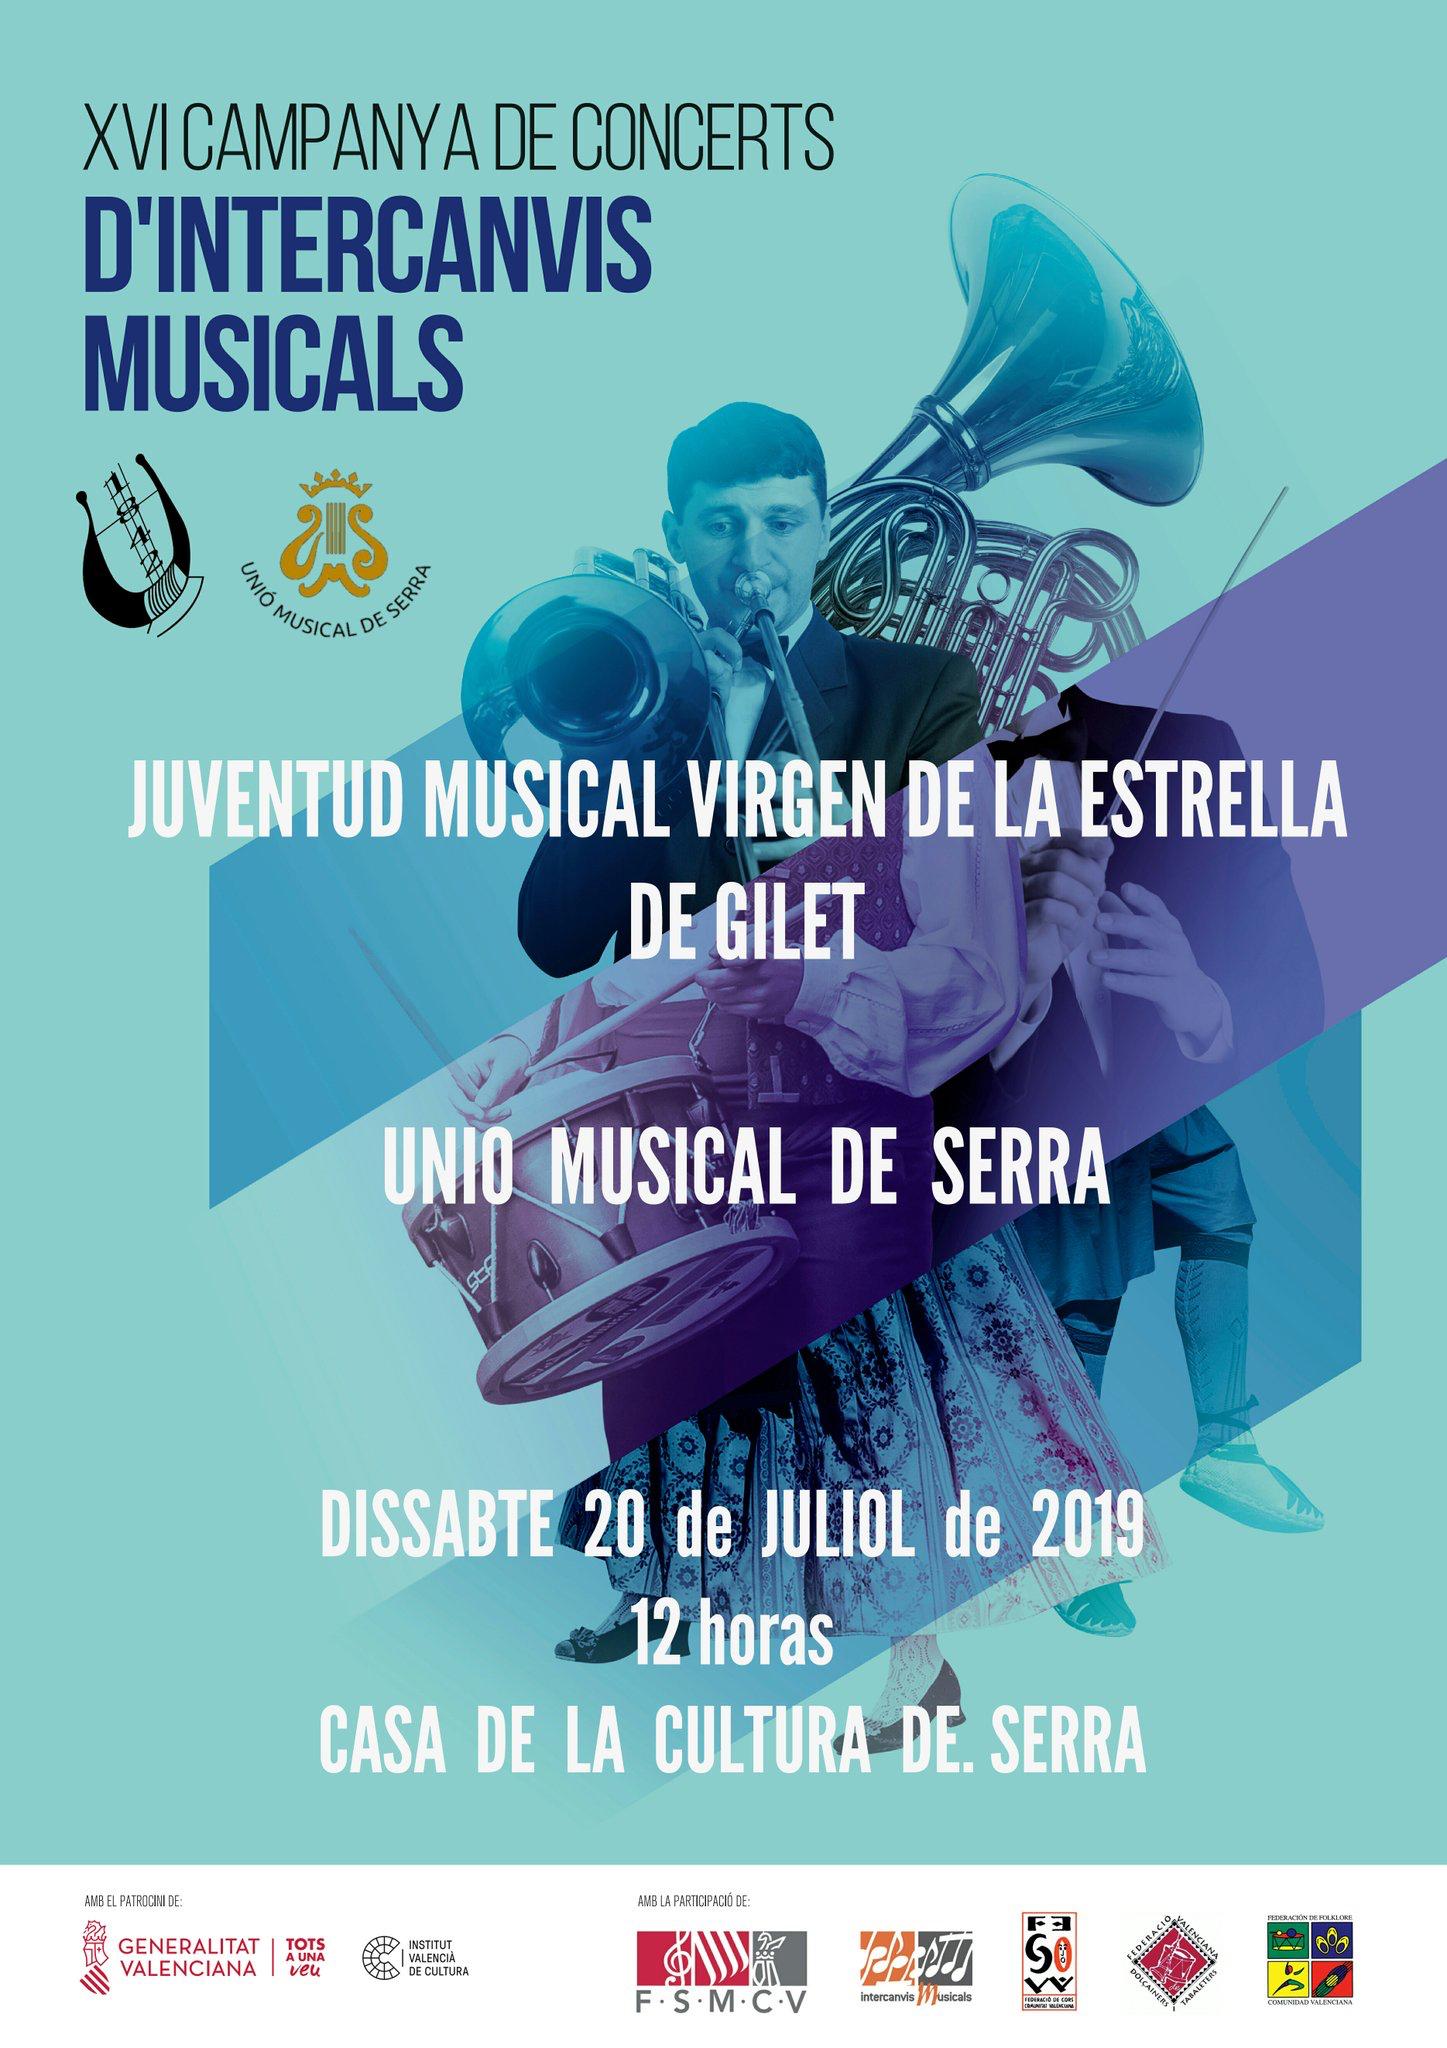 Concierto Intercambio Musical con la banda de Gilet como invitada.